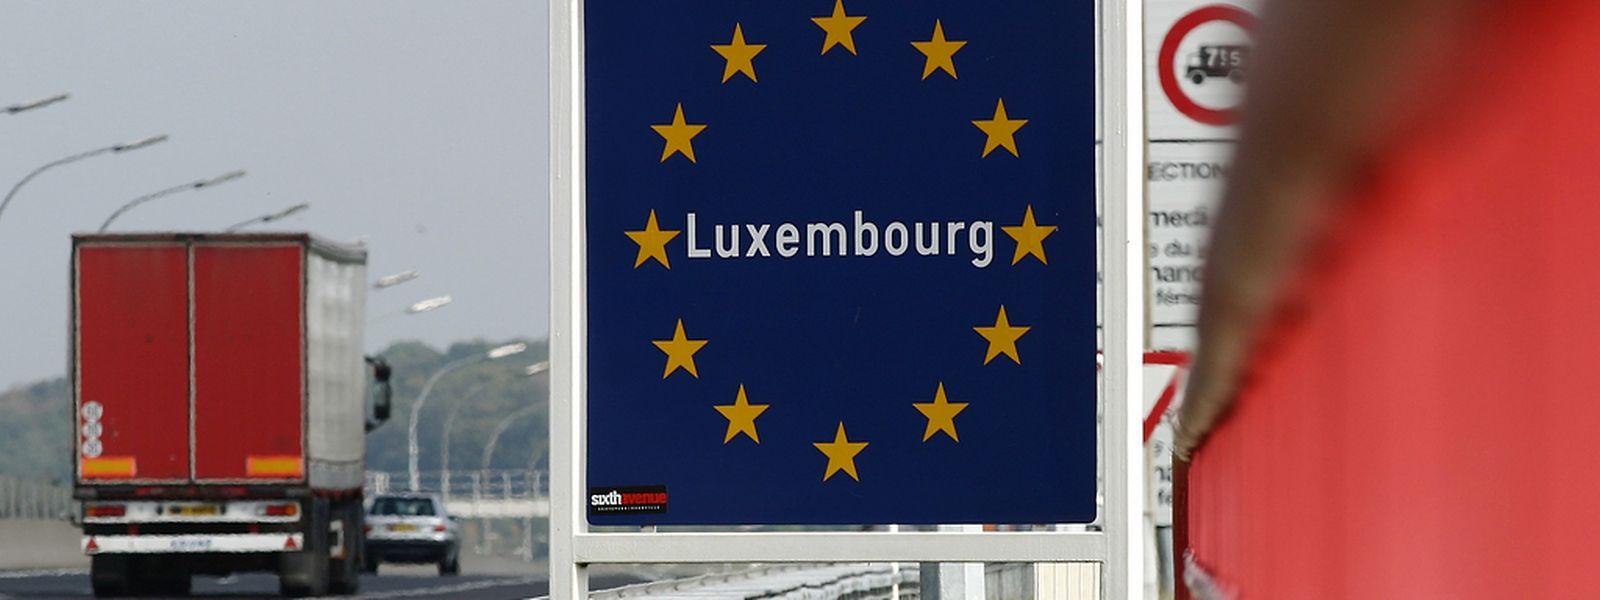 Luxemburg in der Schusslinie.